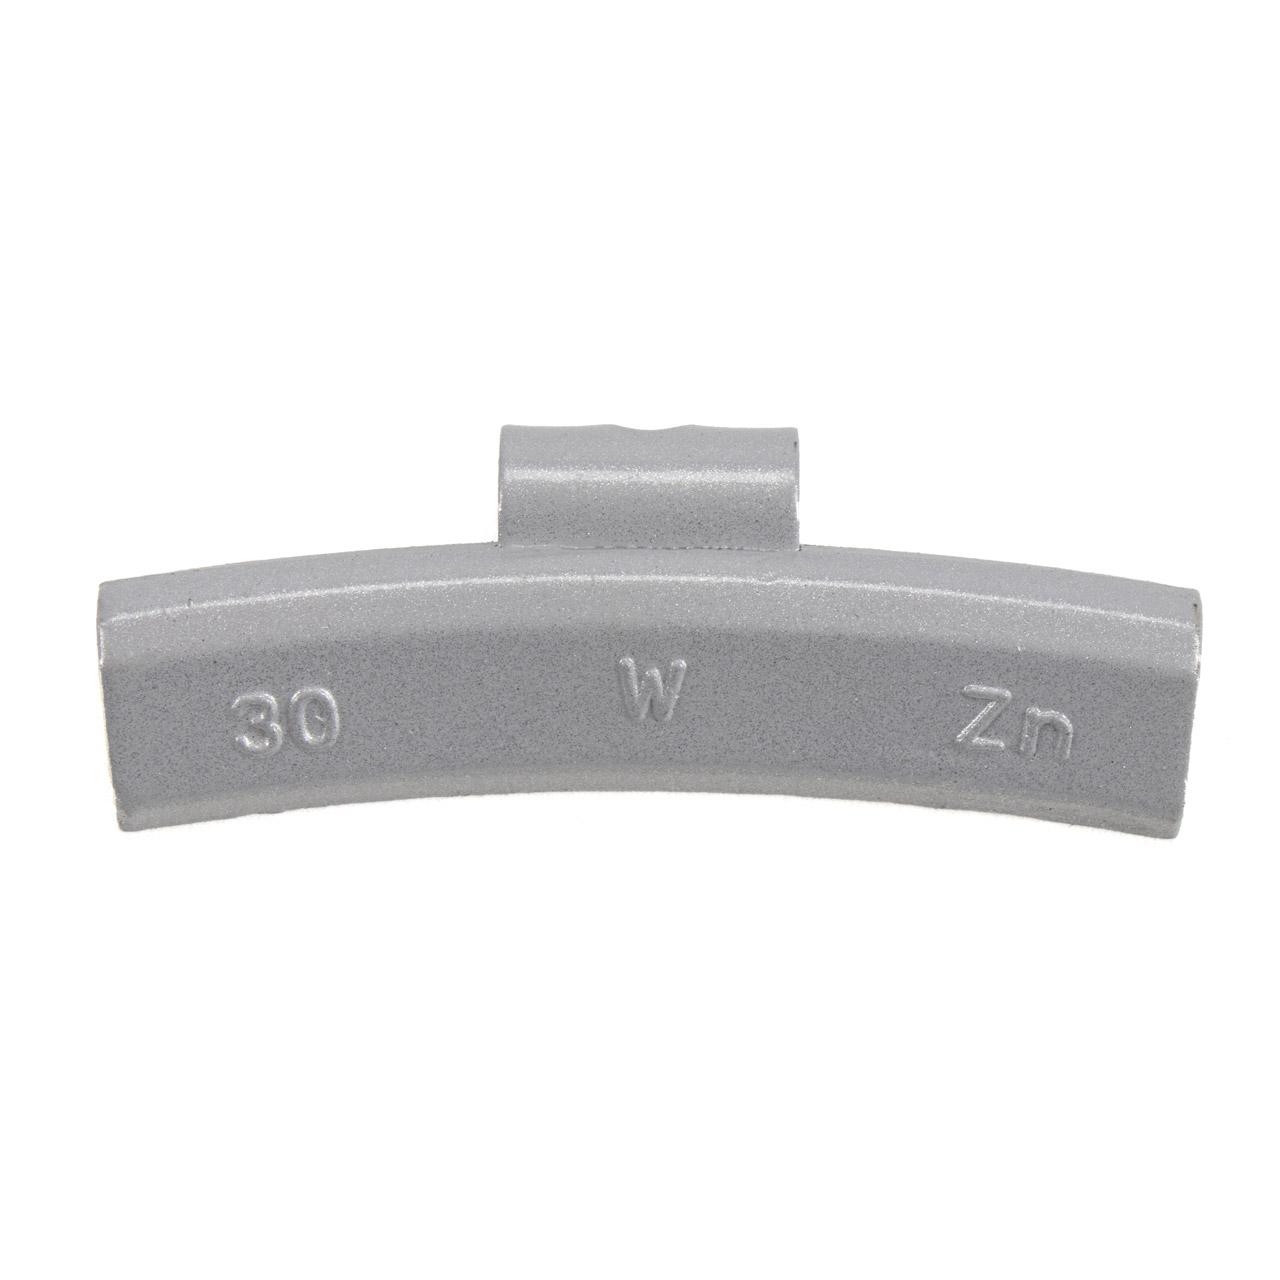 GEMATIC Auswuchtgewicht Schlaggewicht für Alufelge GRAU-ZINK 100 Stück x 30g